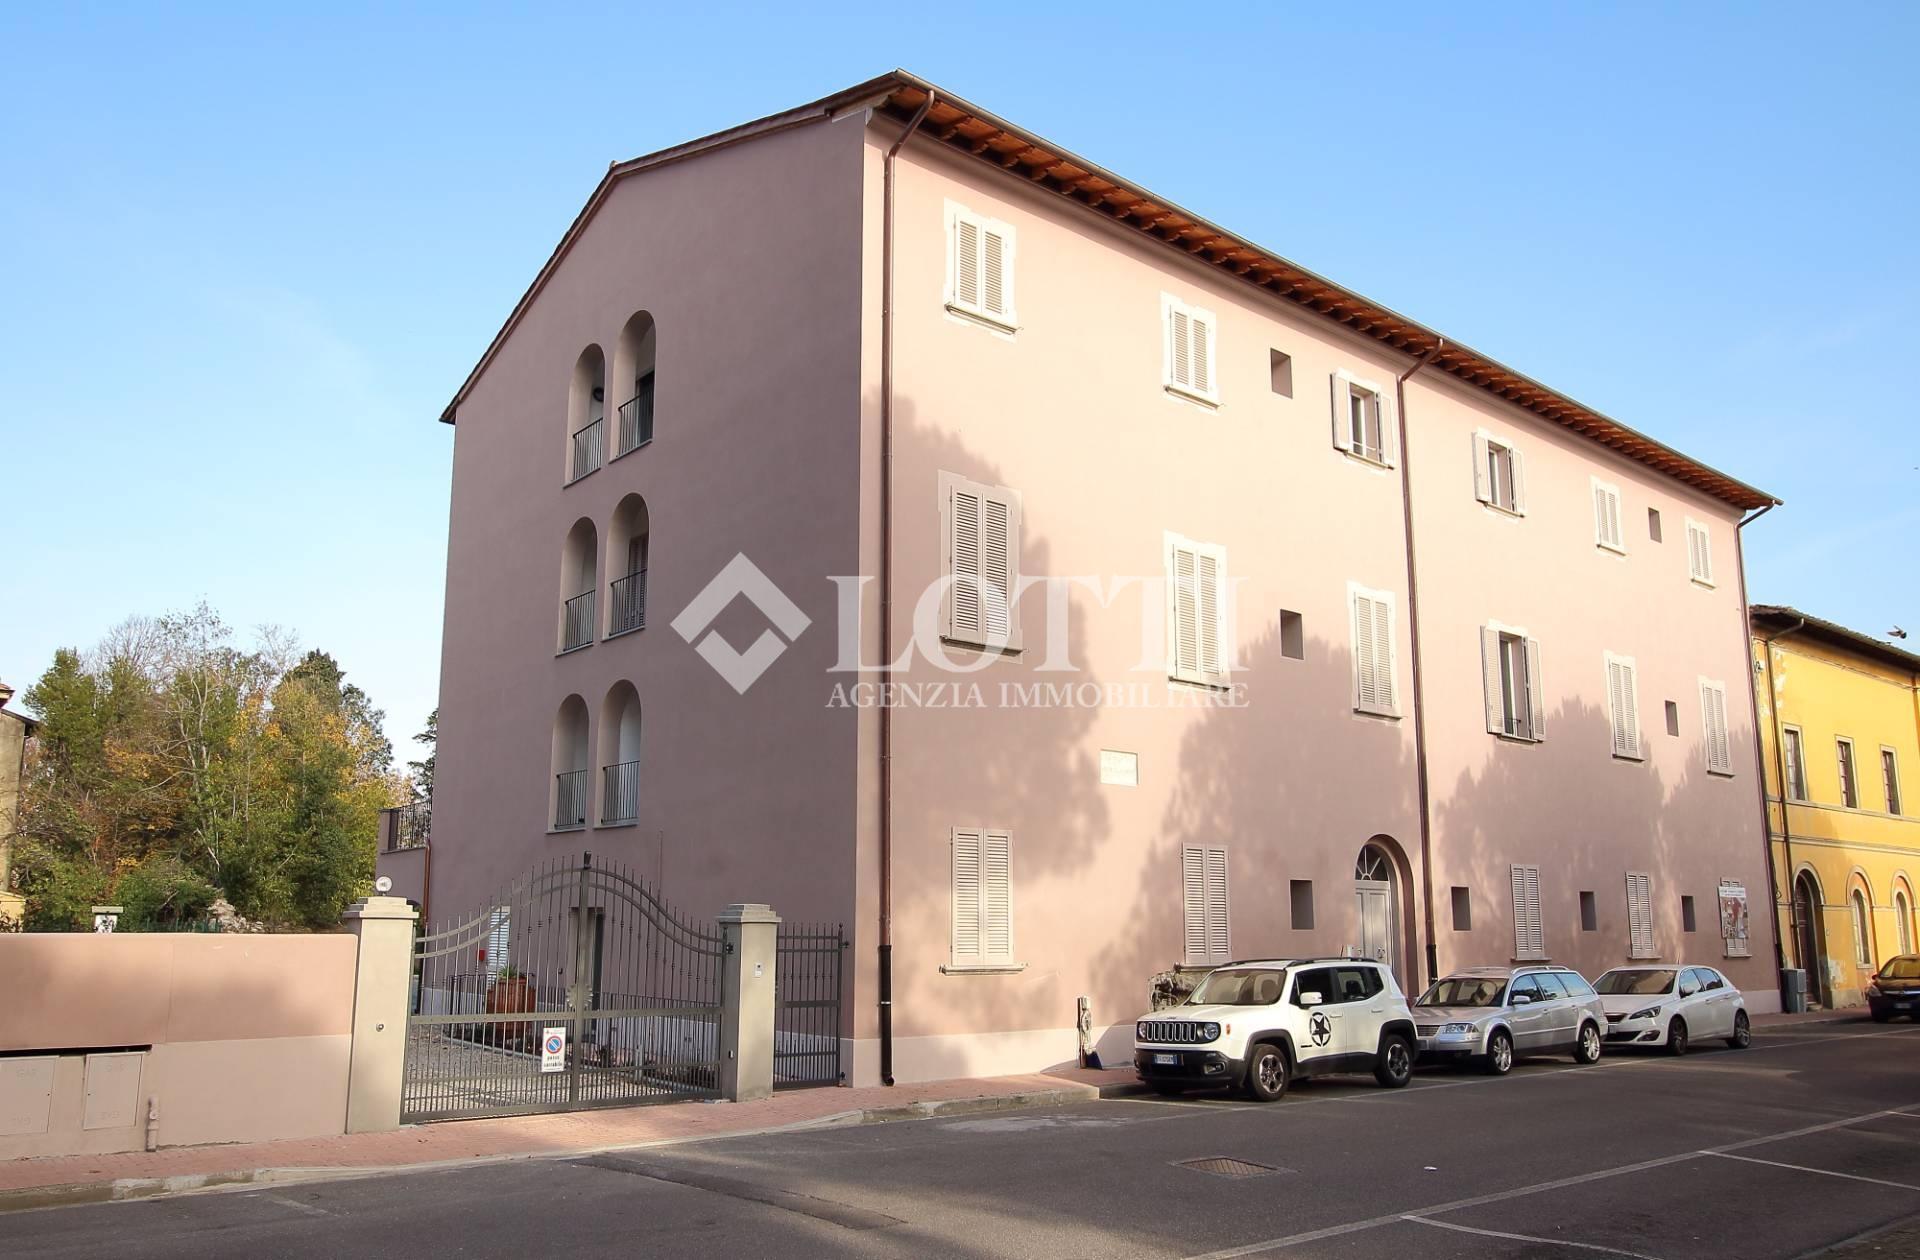 Ufficio in vendita, rif. 100